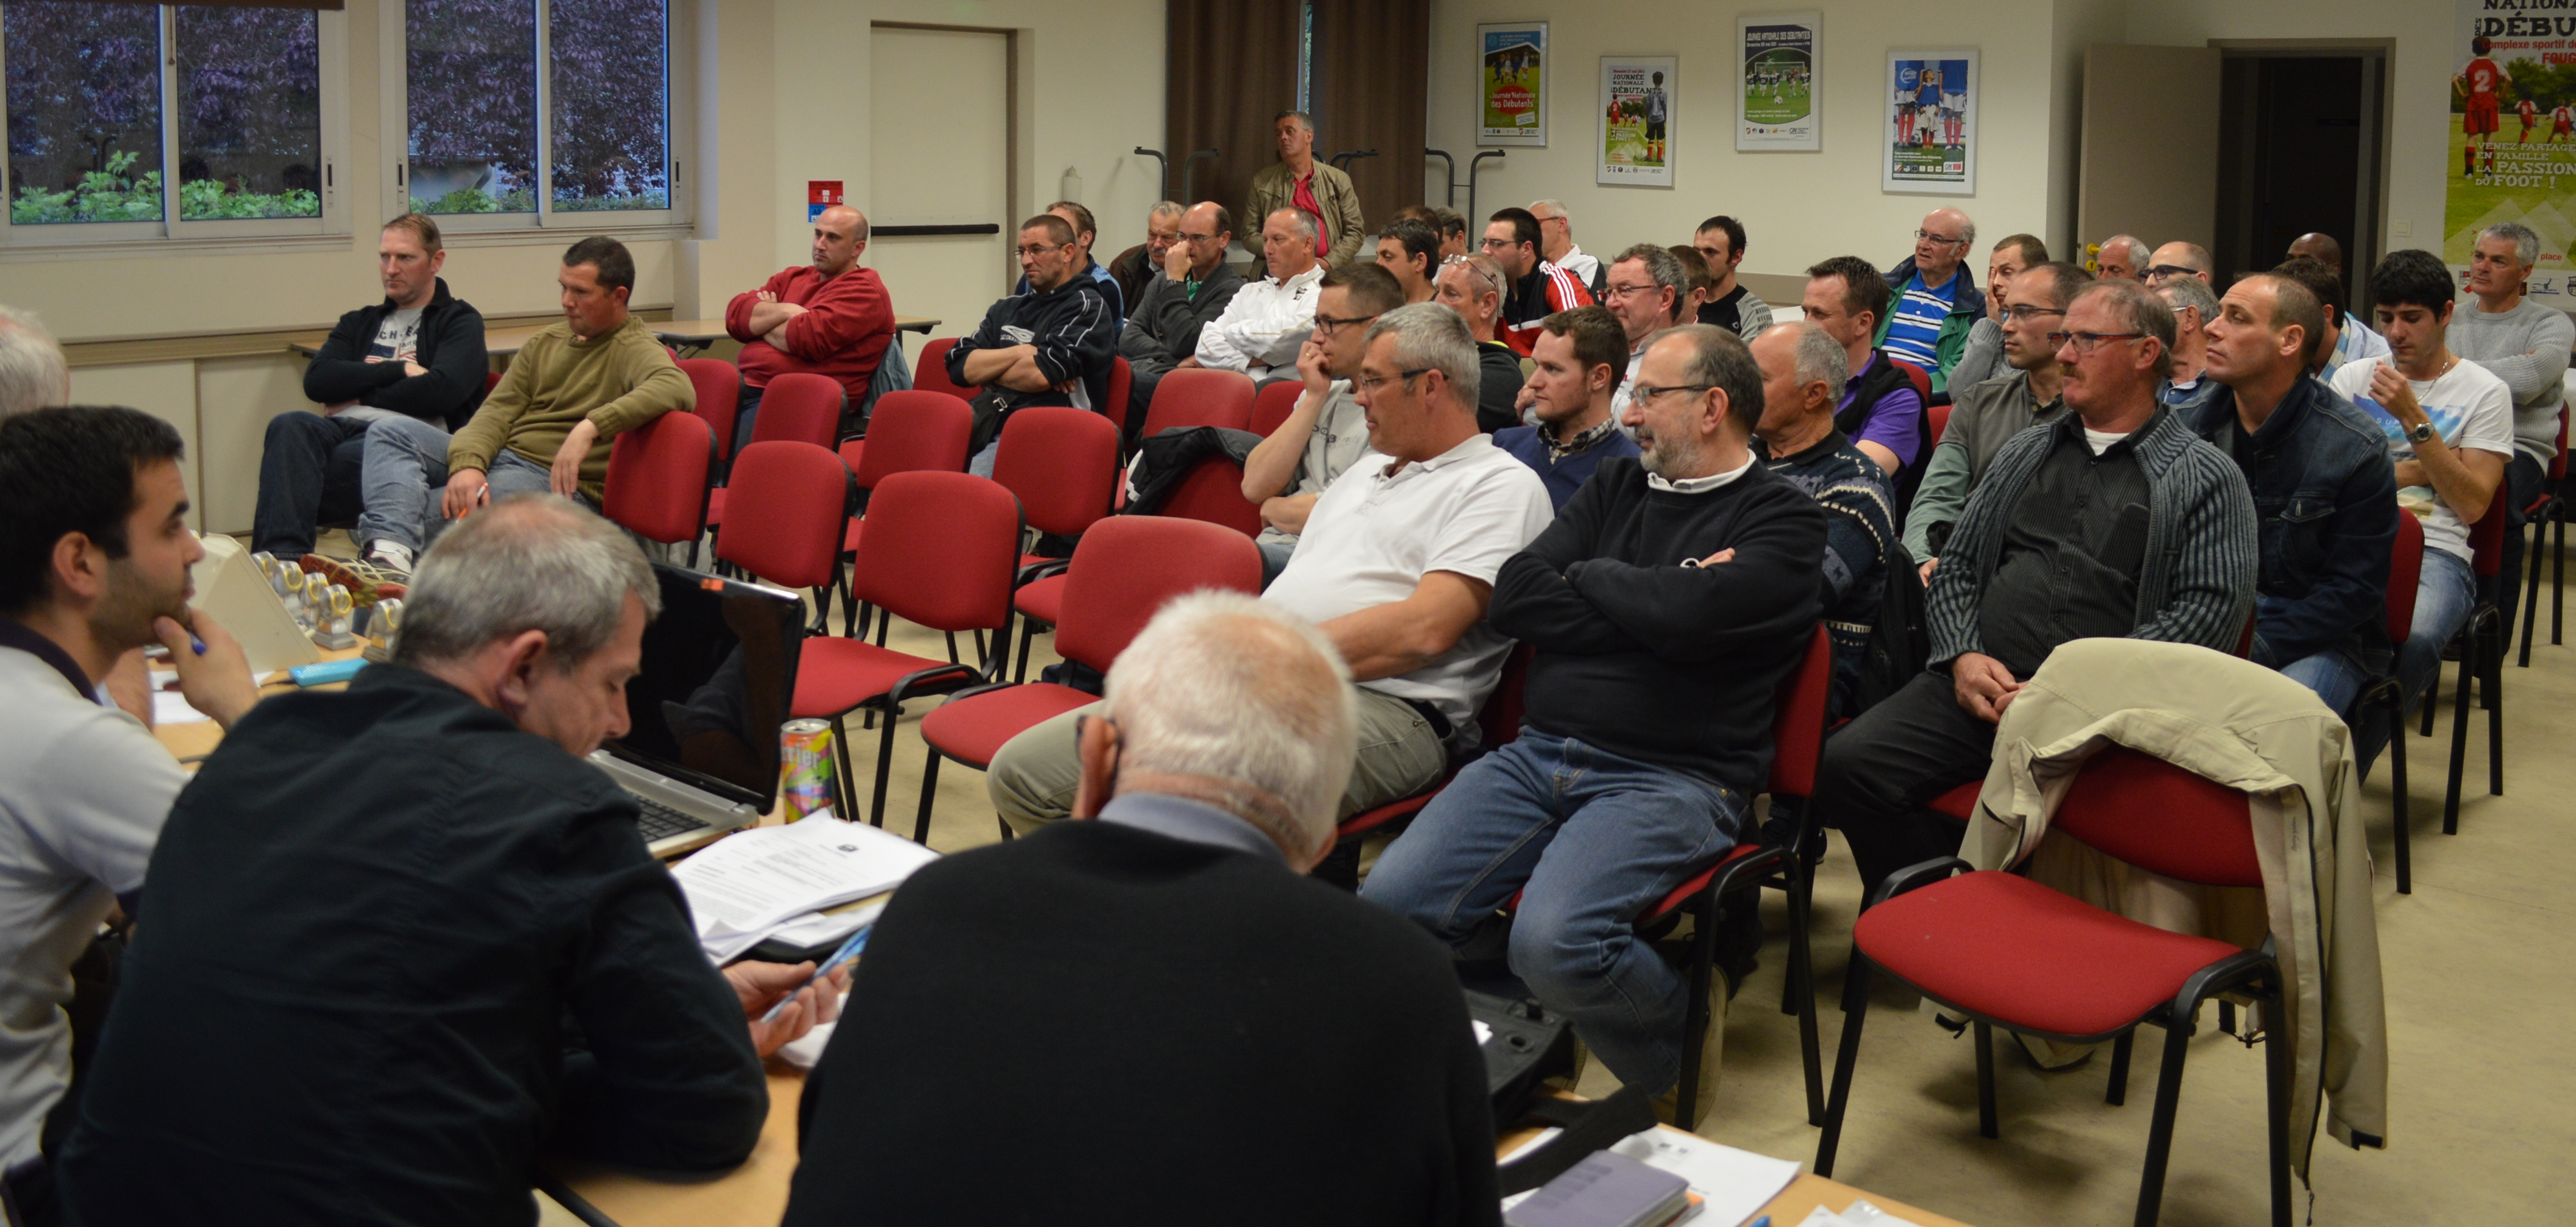 Un auditoire participatif